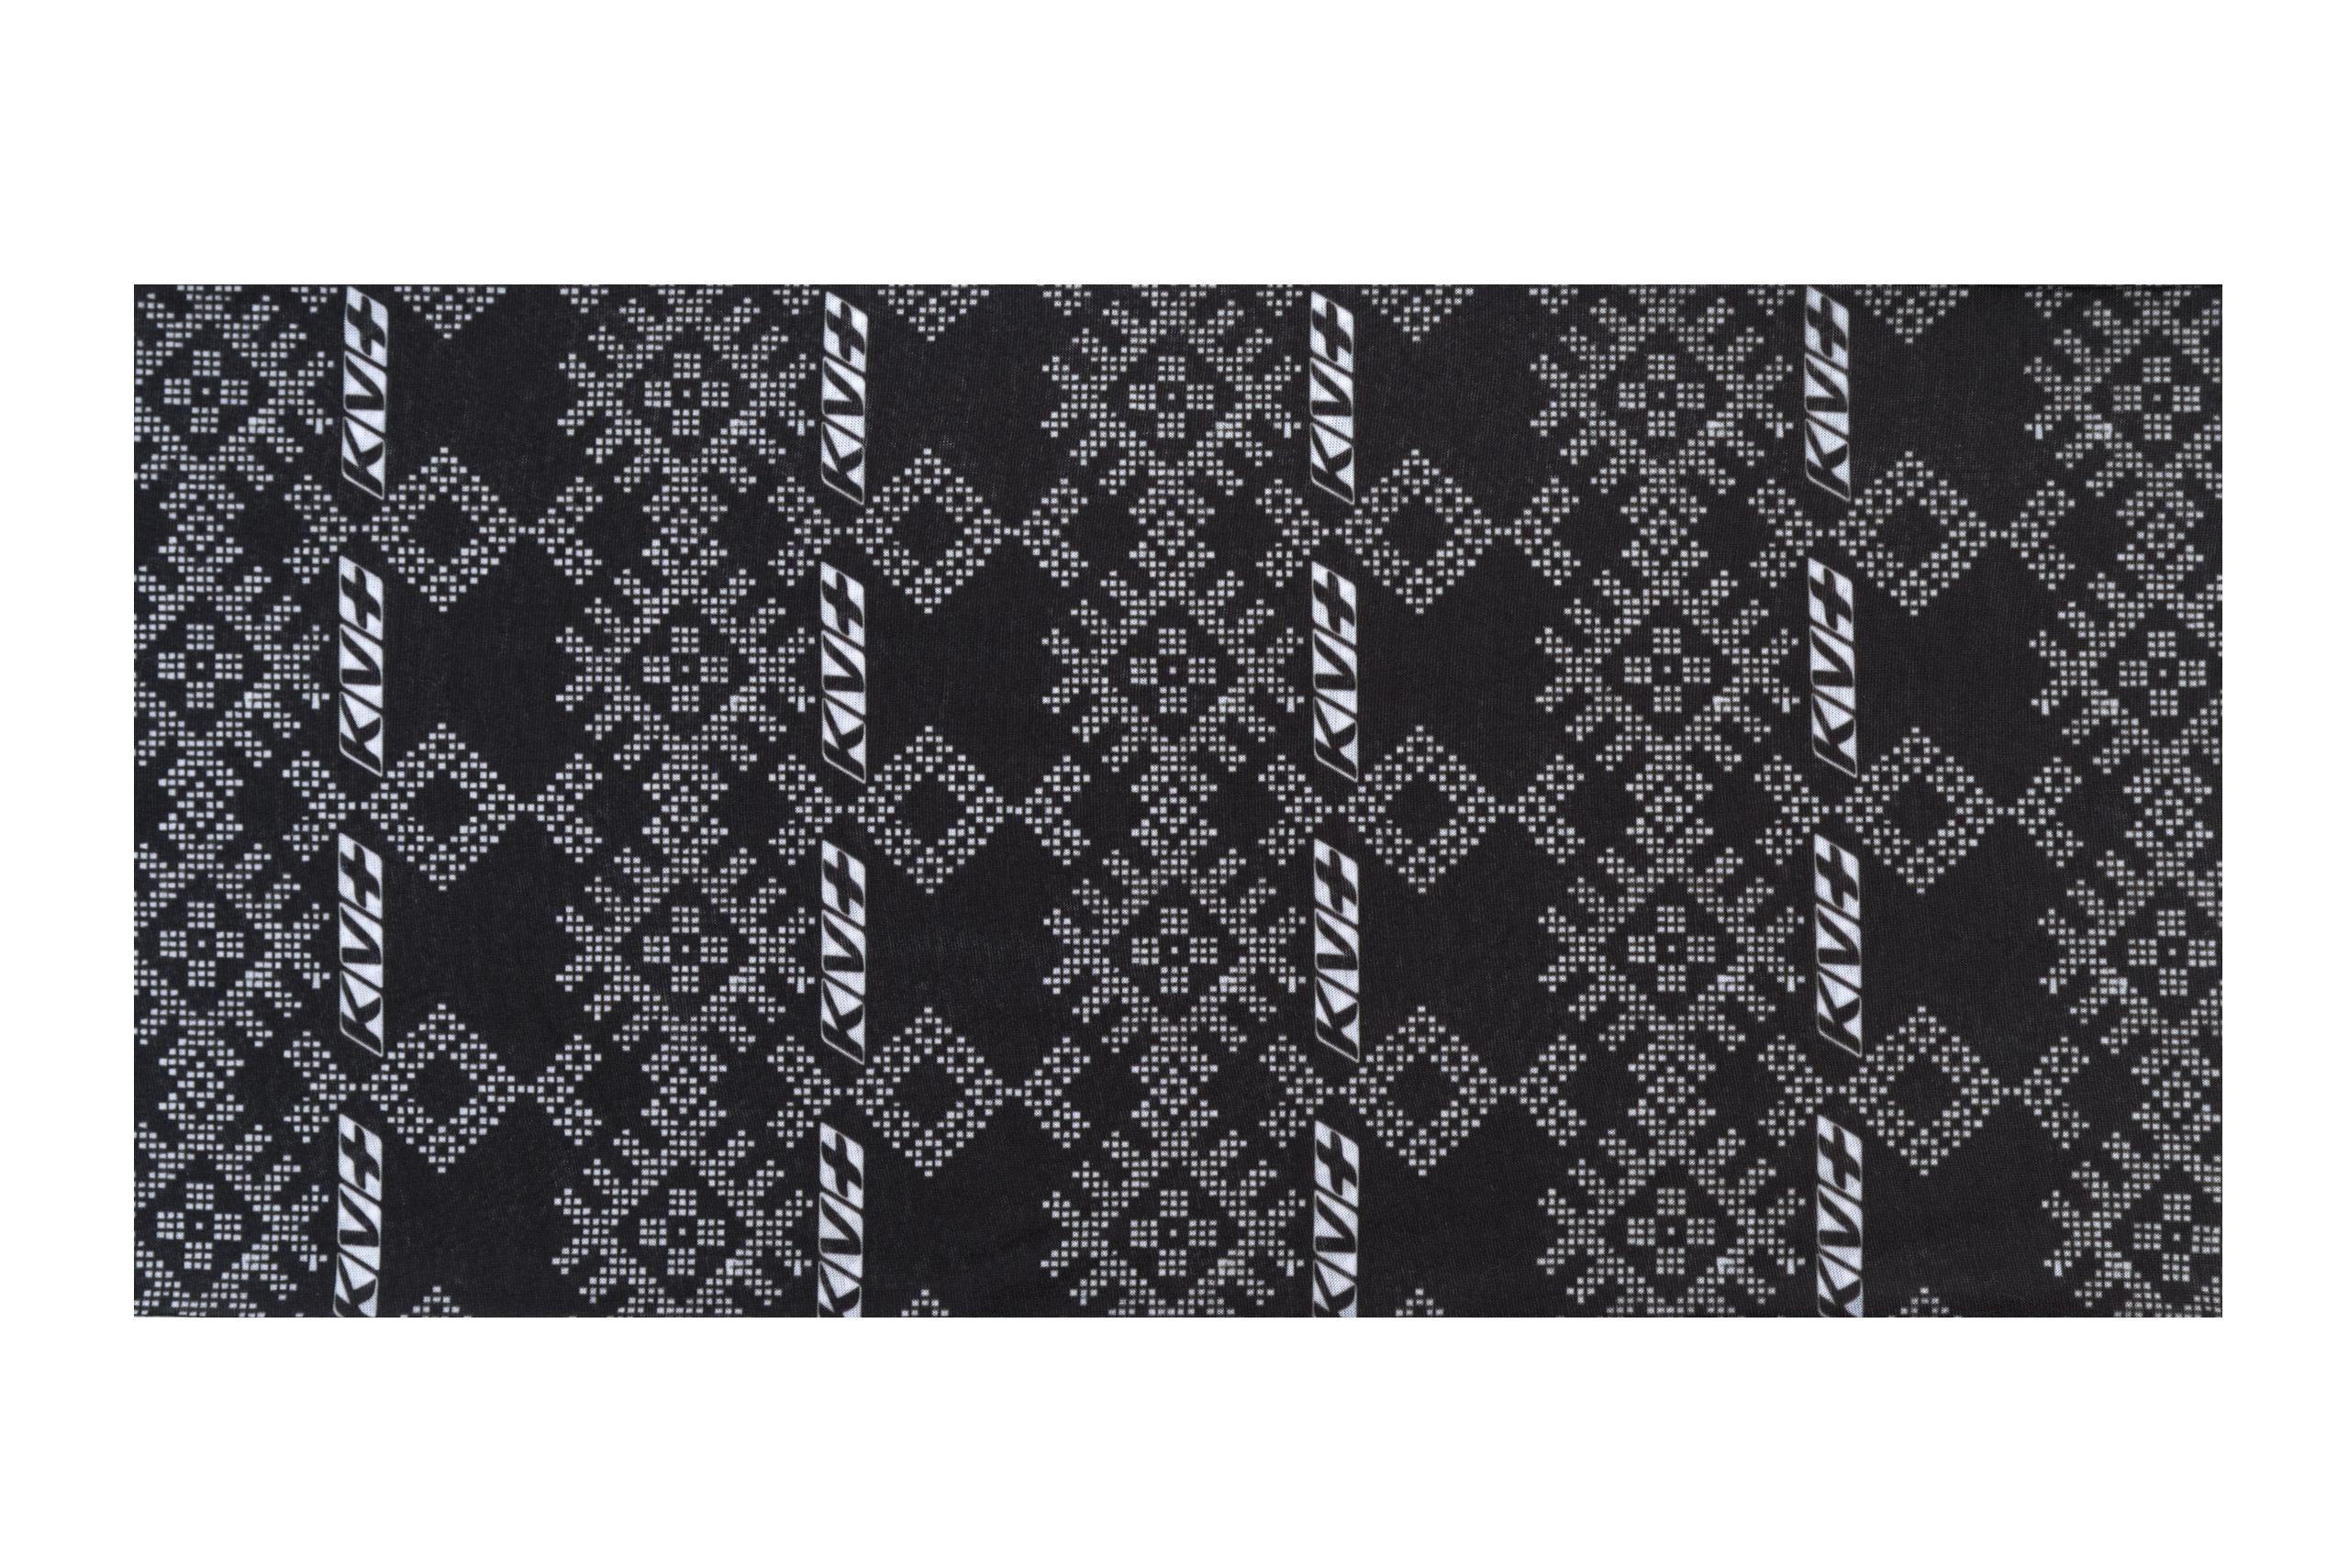 BANDANA LAPLAND (black/white)